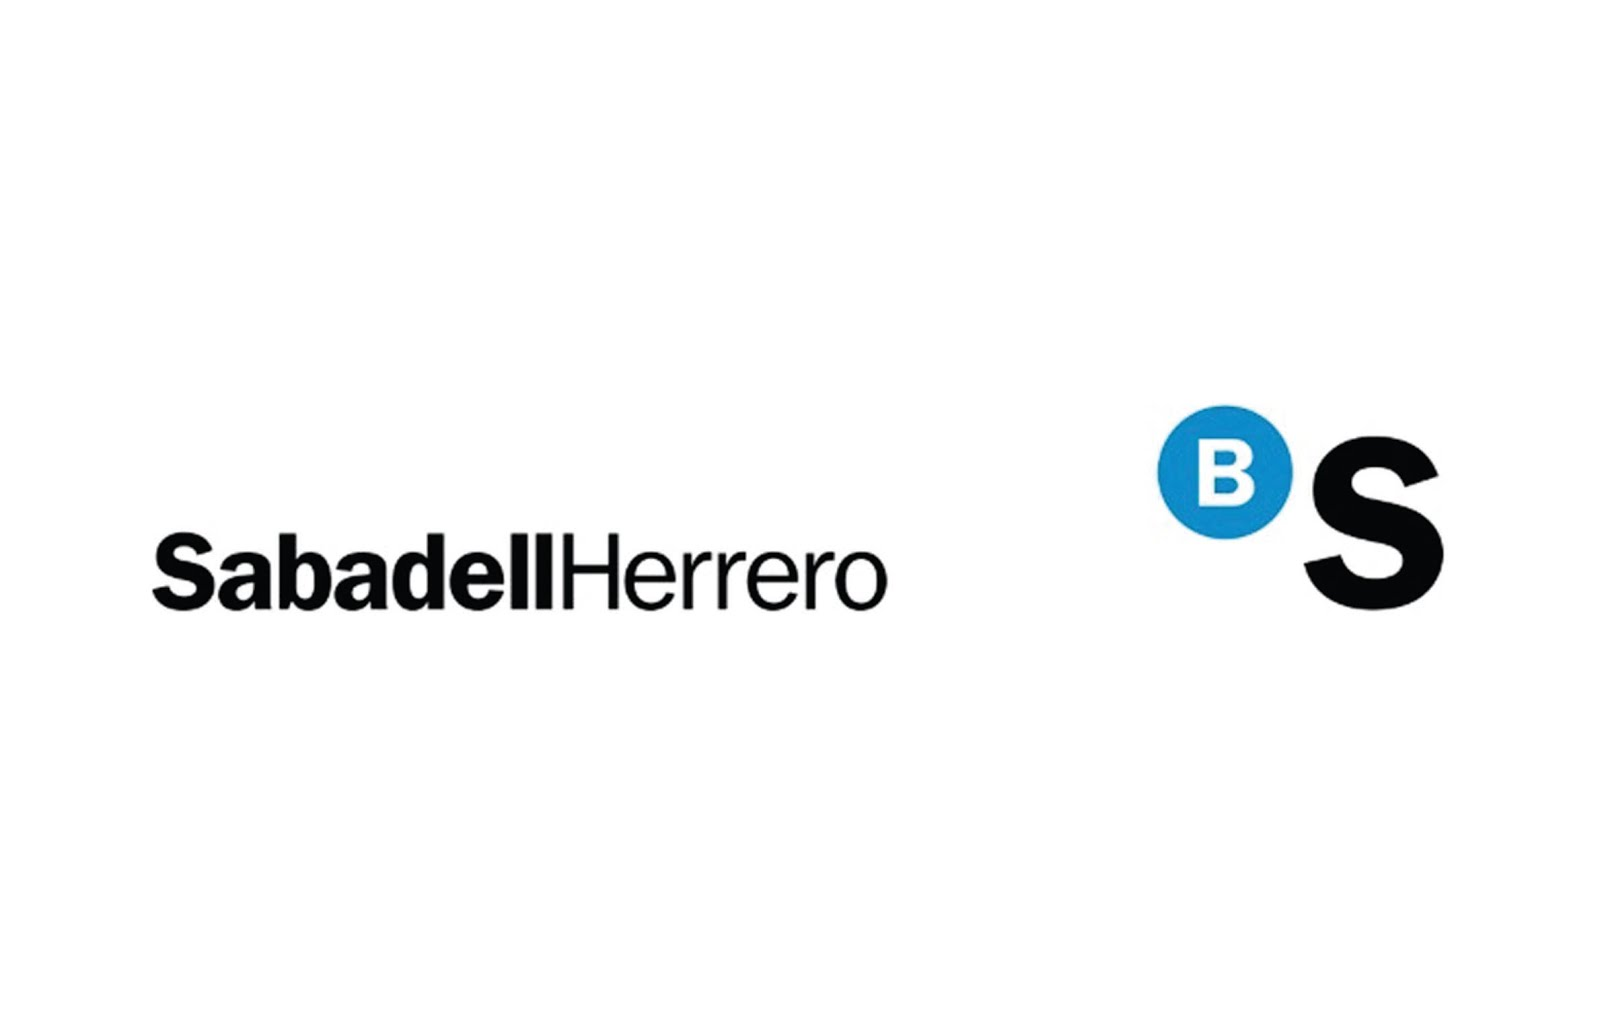 Banco Sabadell Herrero